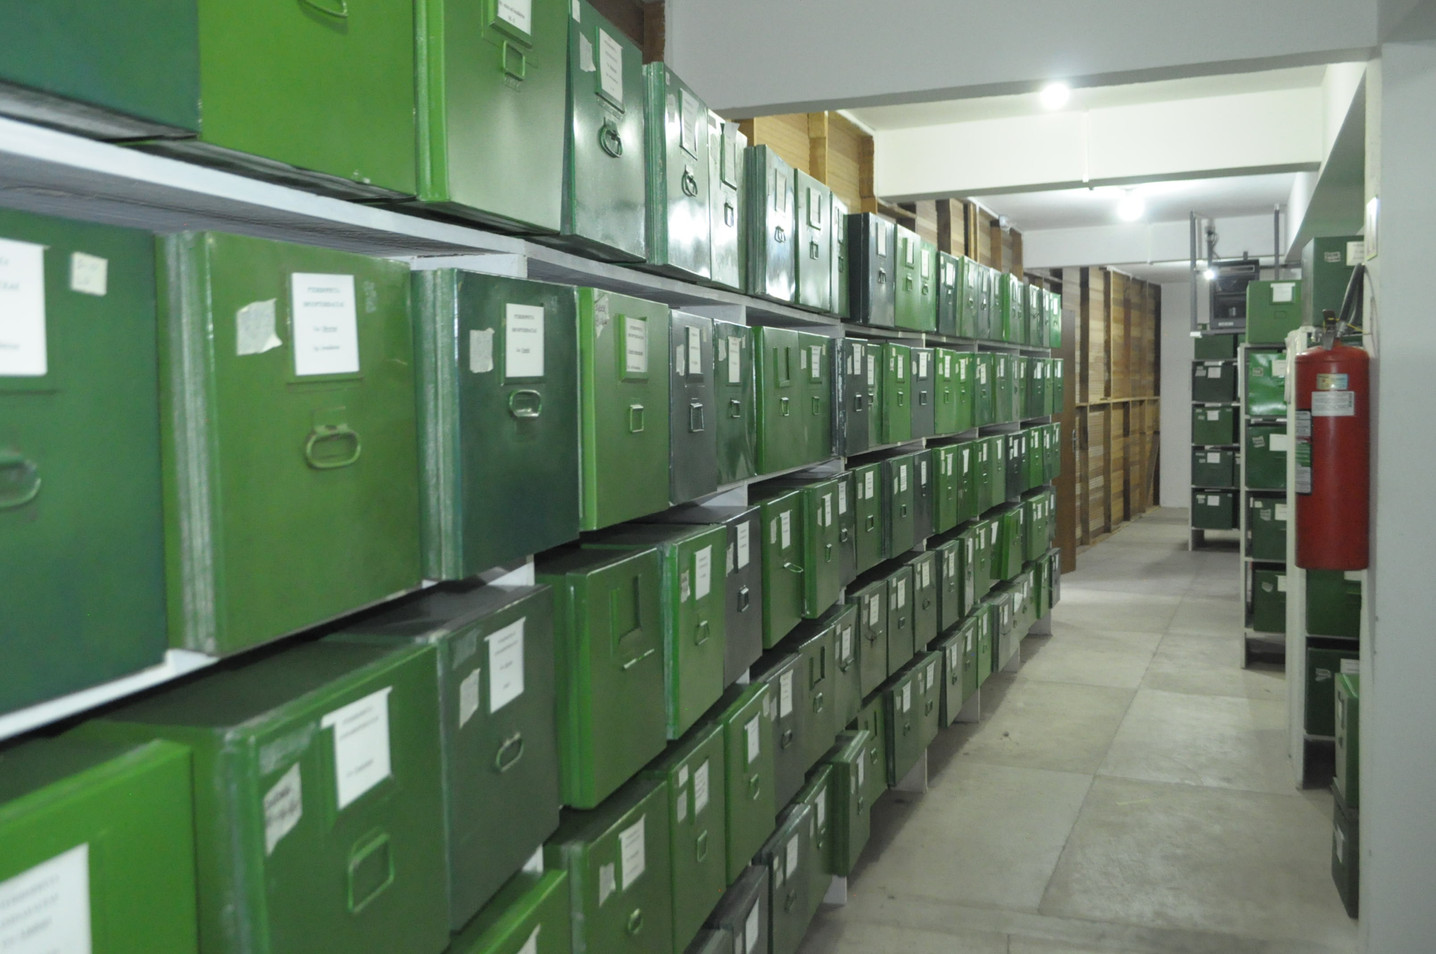 caixas 03.JPG